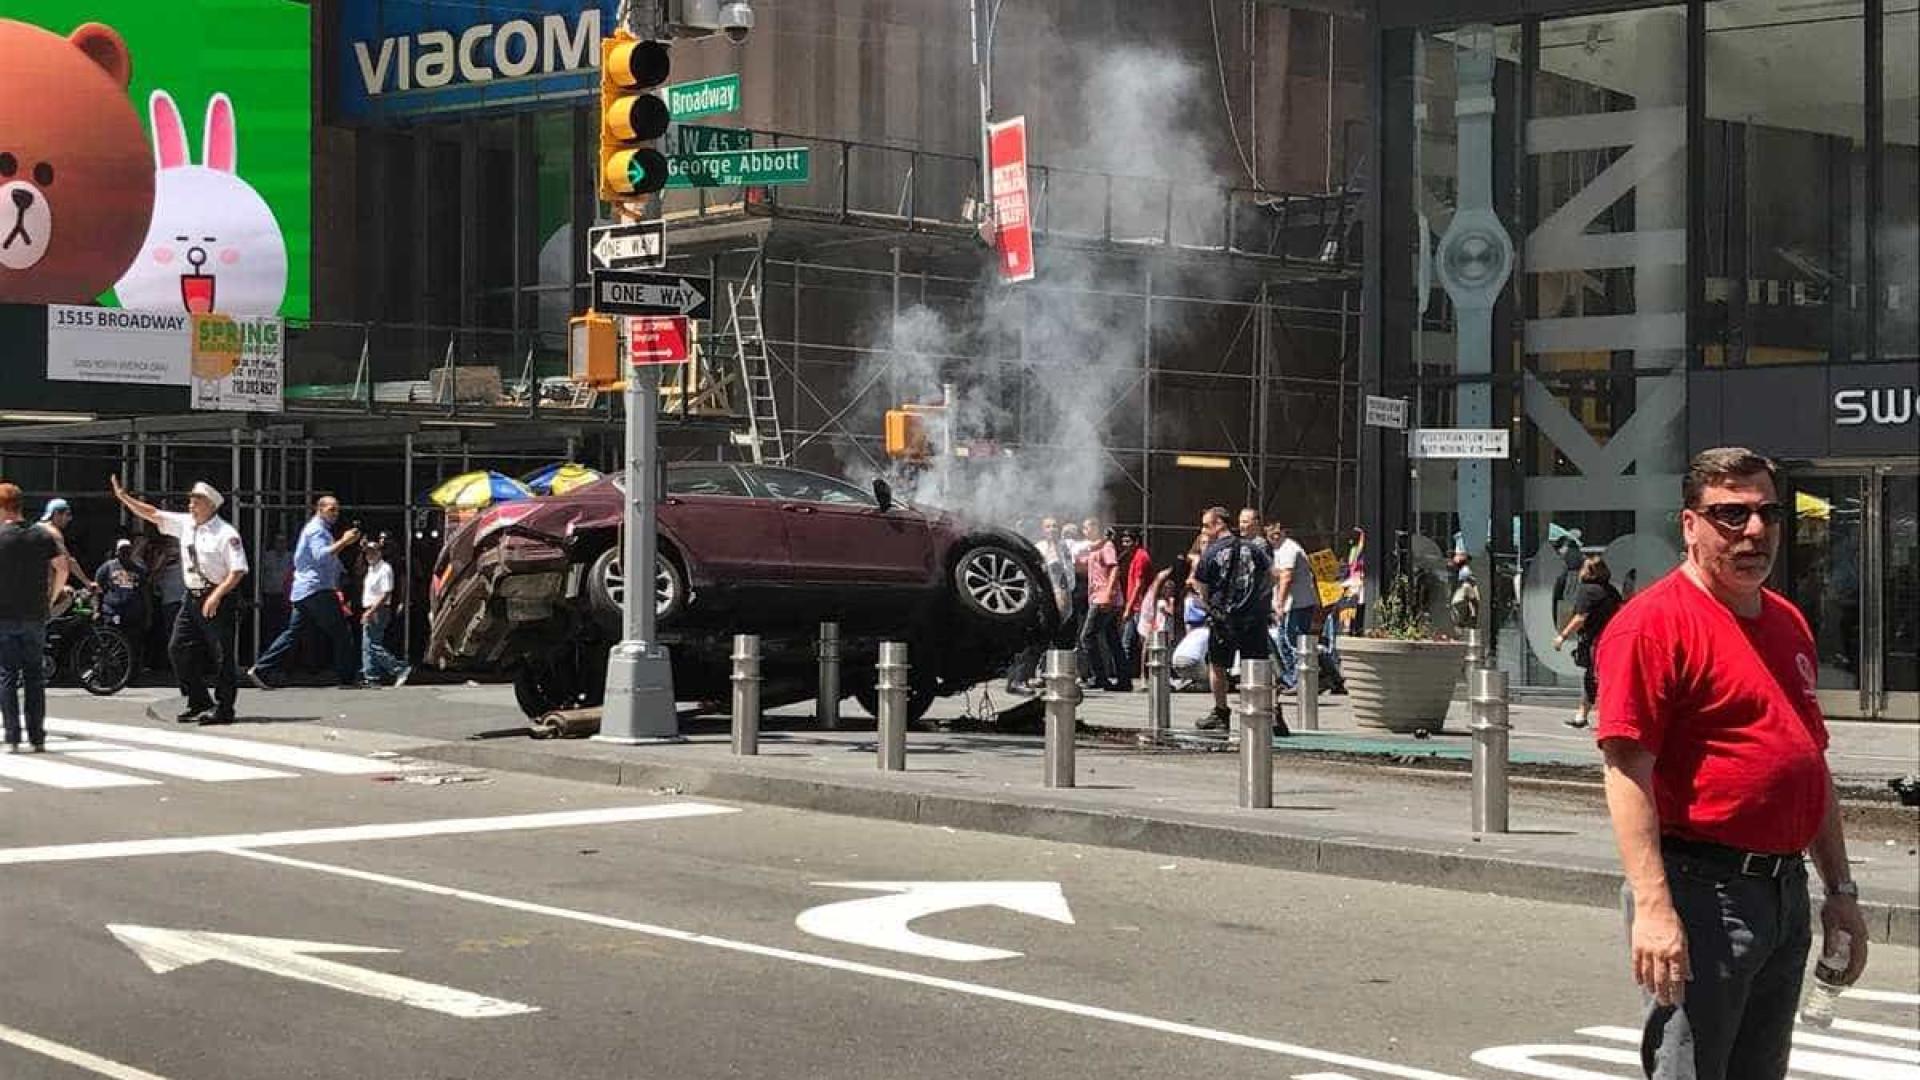 Carro a alta velocidade embate contra multidão em Nova Iorque